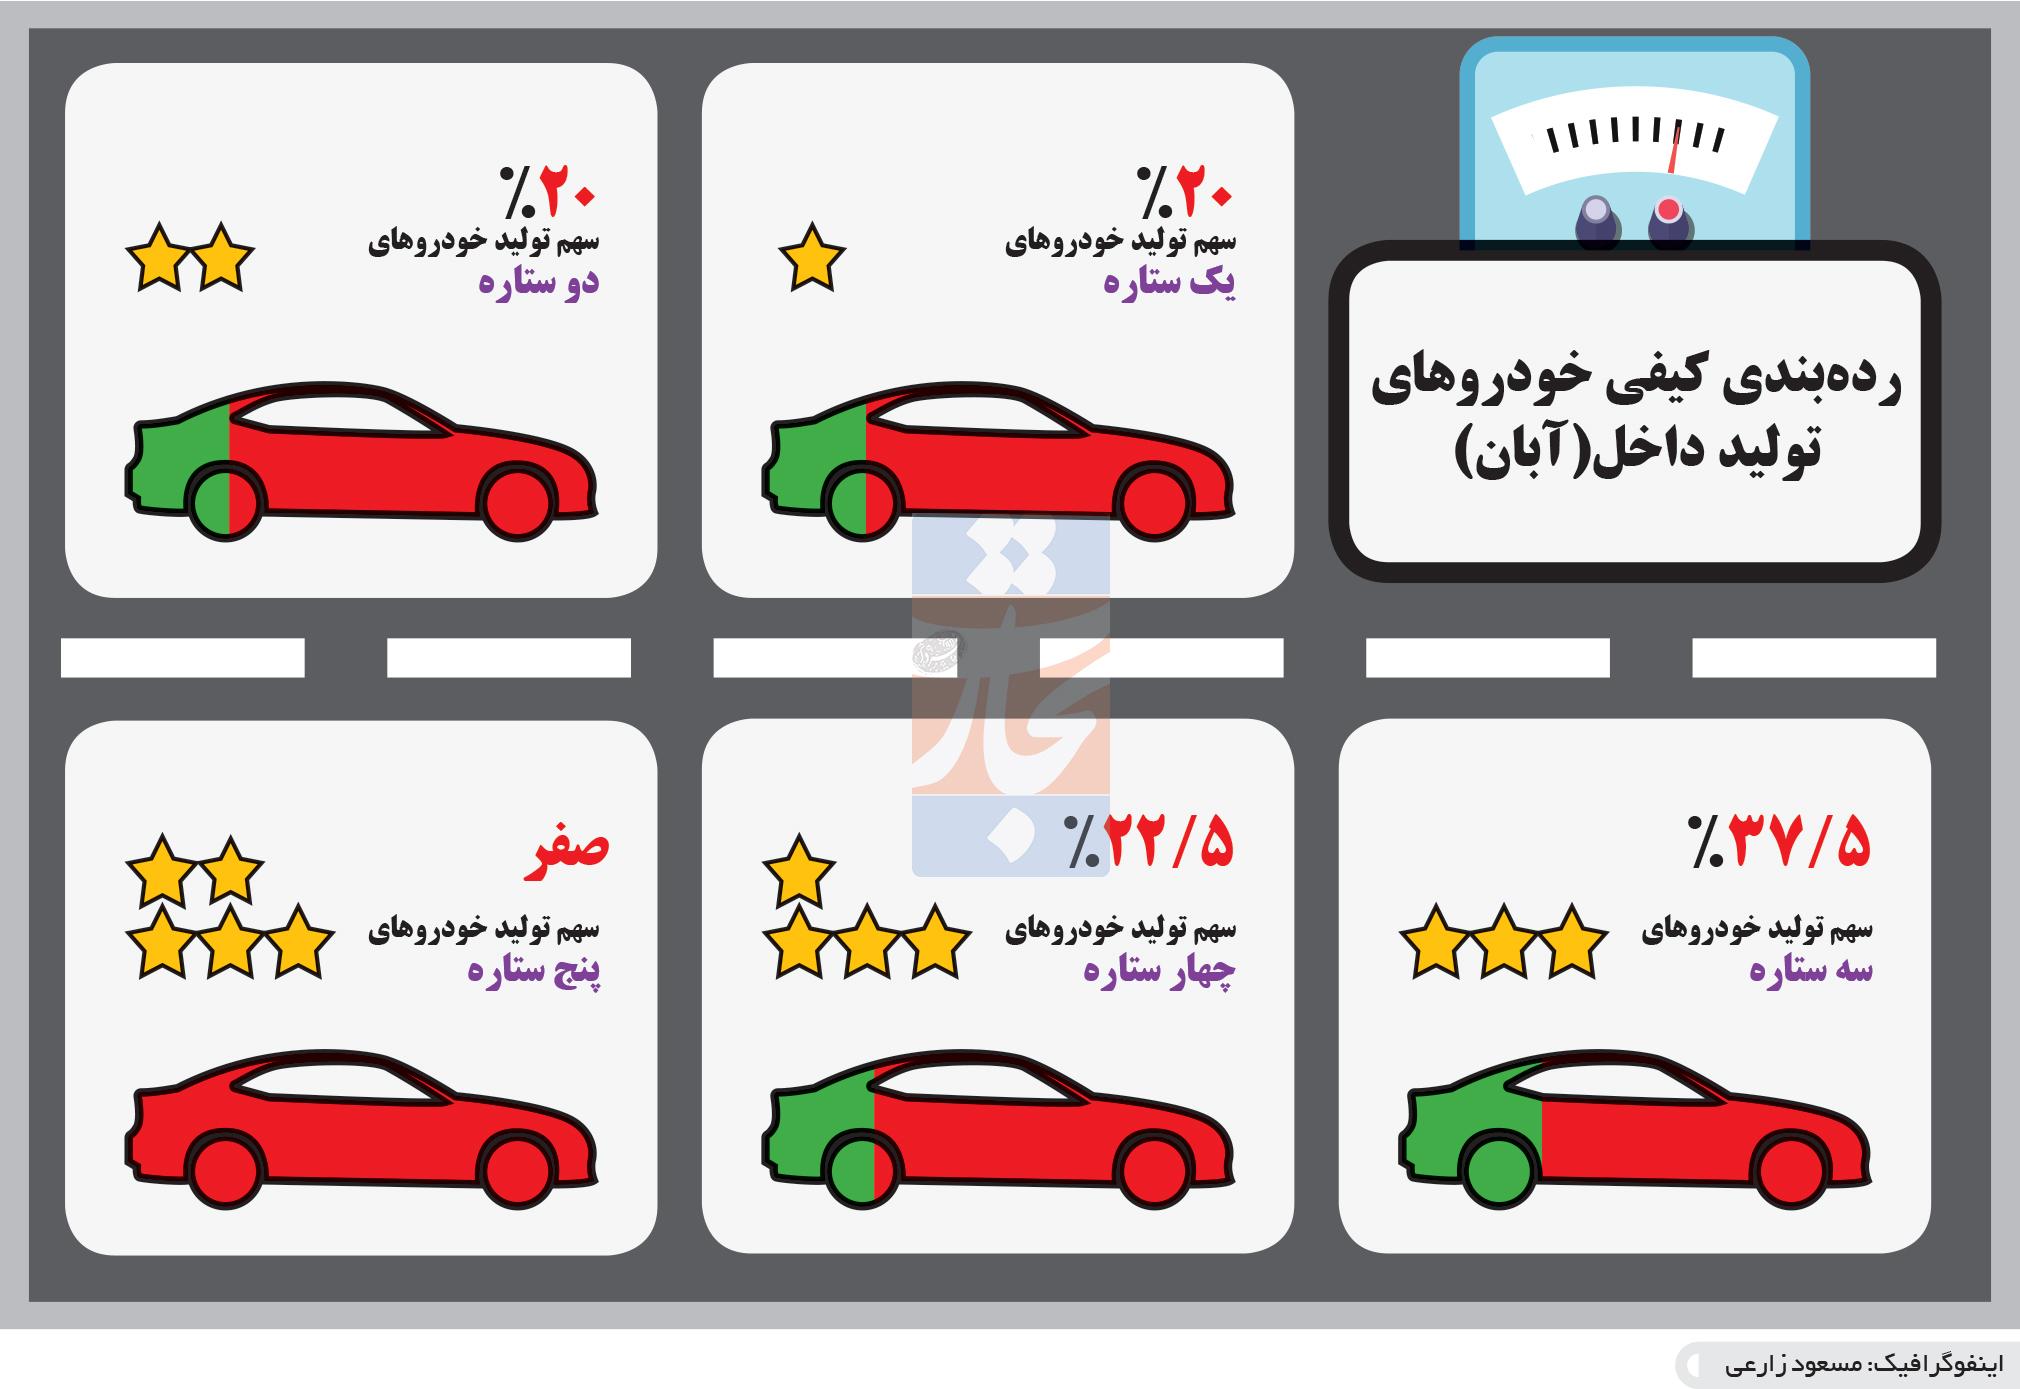 تجارت- فردا- ردهبندی کیفی خودروهای تولید داخل(آبان)(اینفوگرافیک)